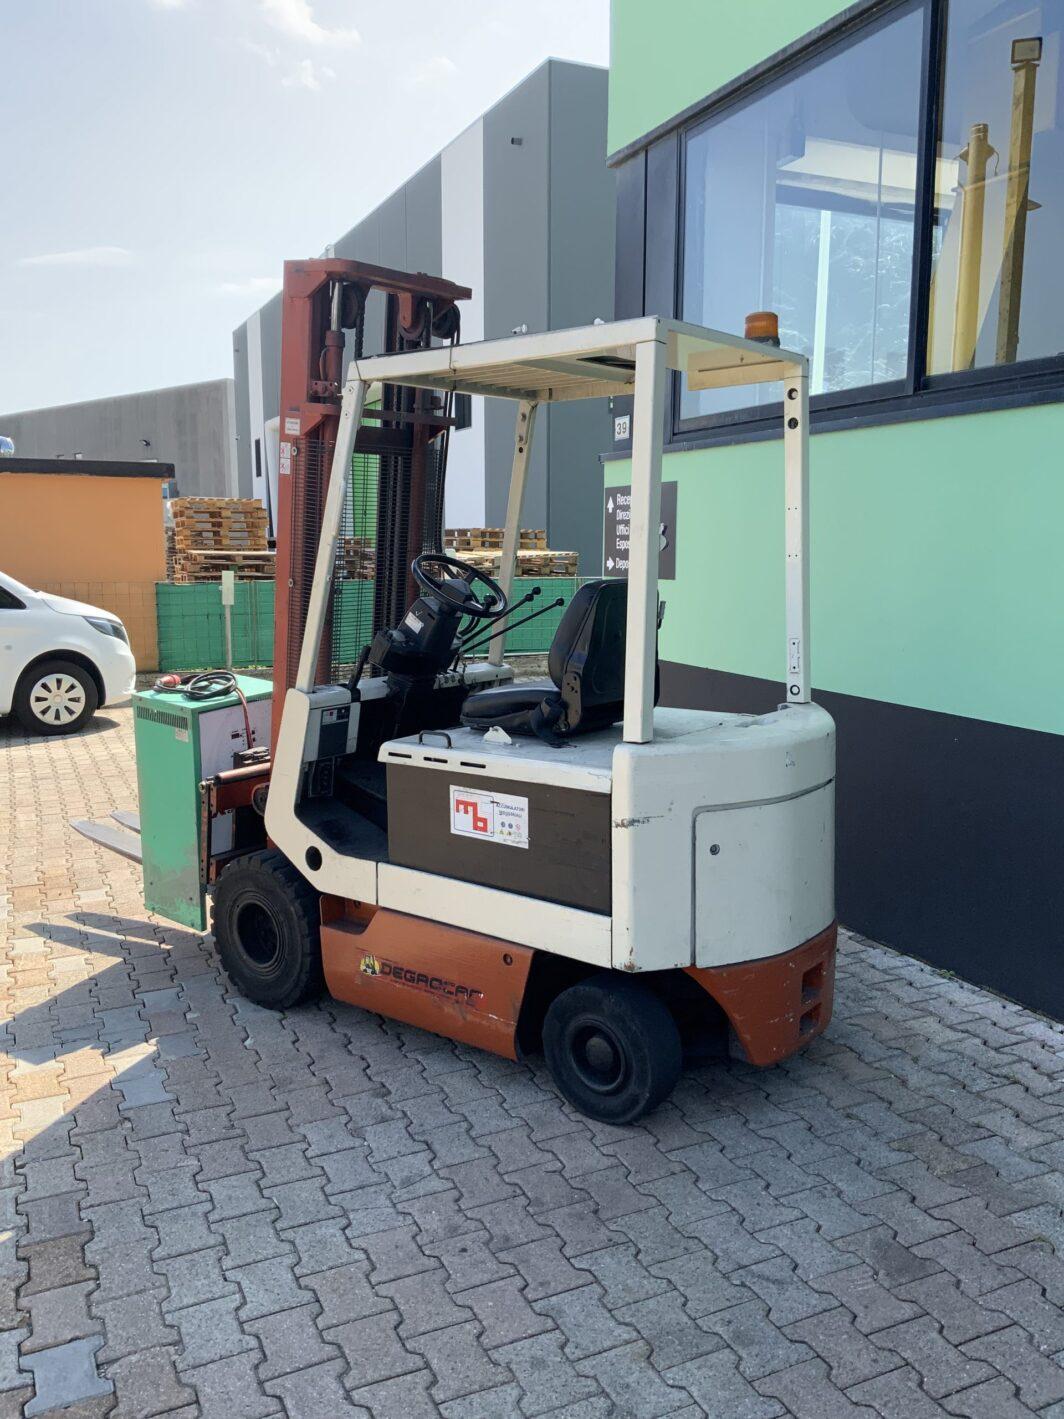 Carrello elevatore frontale elettrico muletto usato Nissan da 25q Degrocar Vicenza